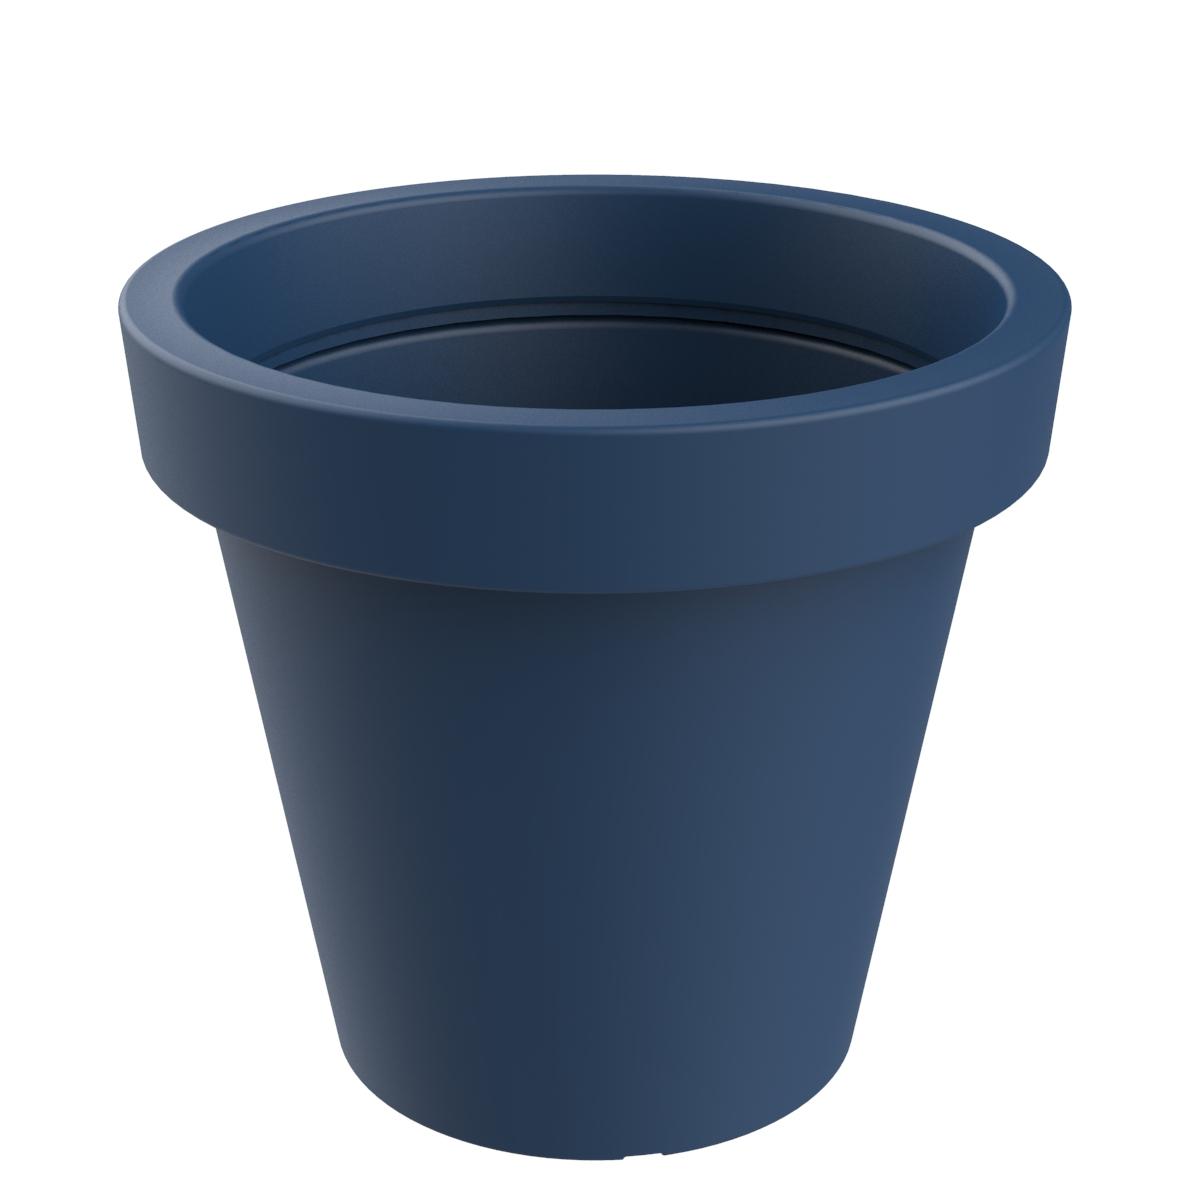 Alvium bloempot voor scholen, winkelcentra en parken - donkerblauw